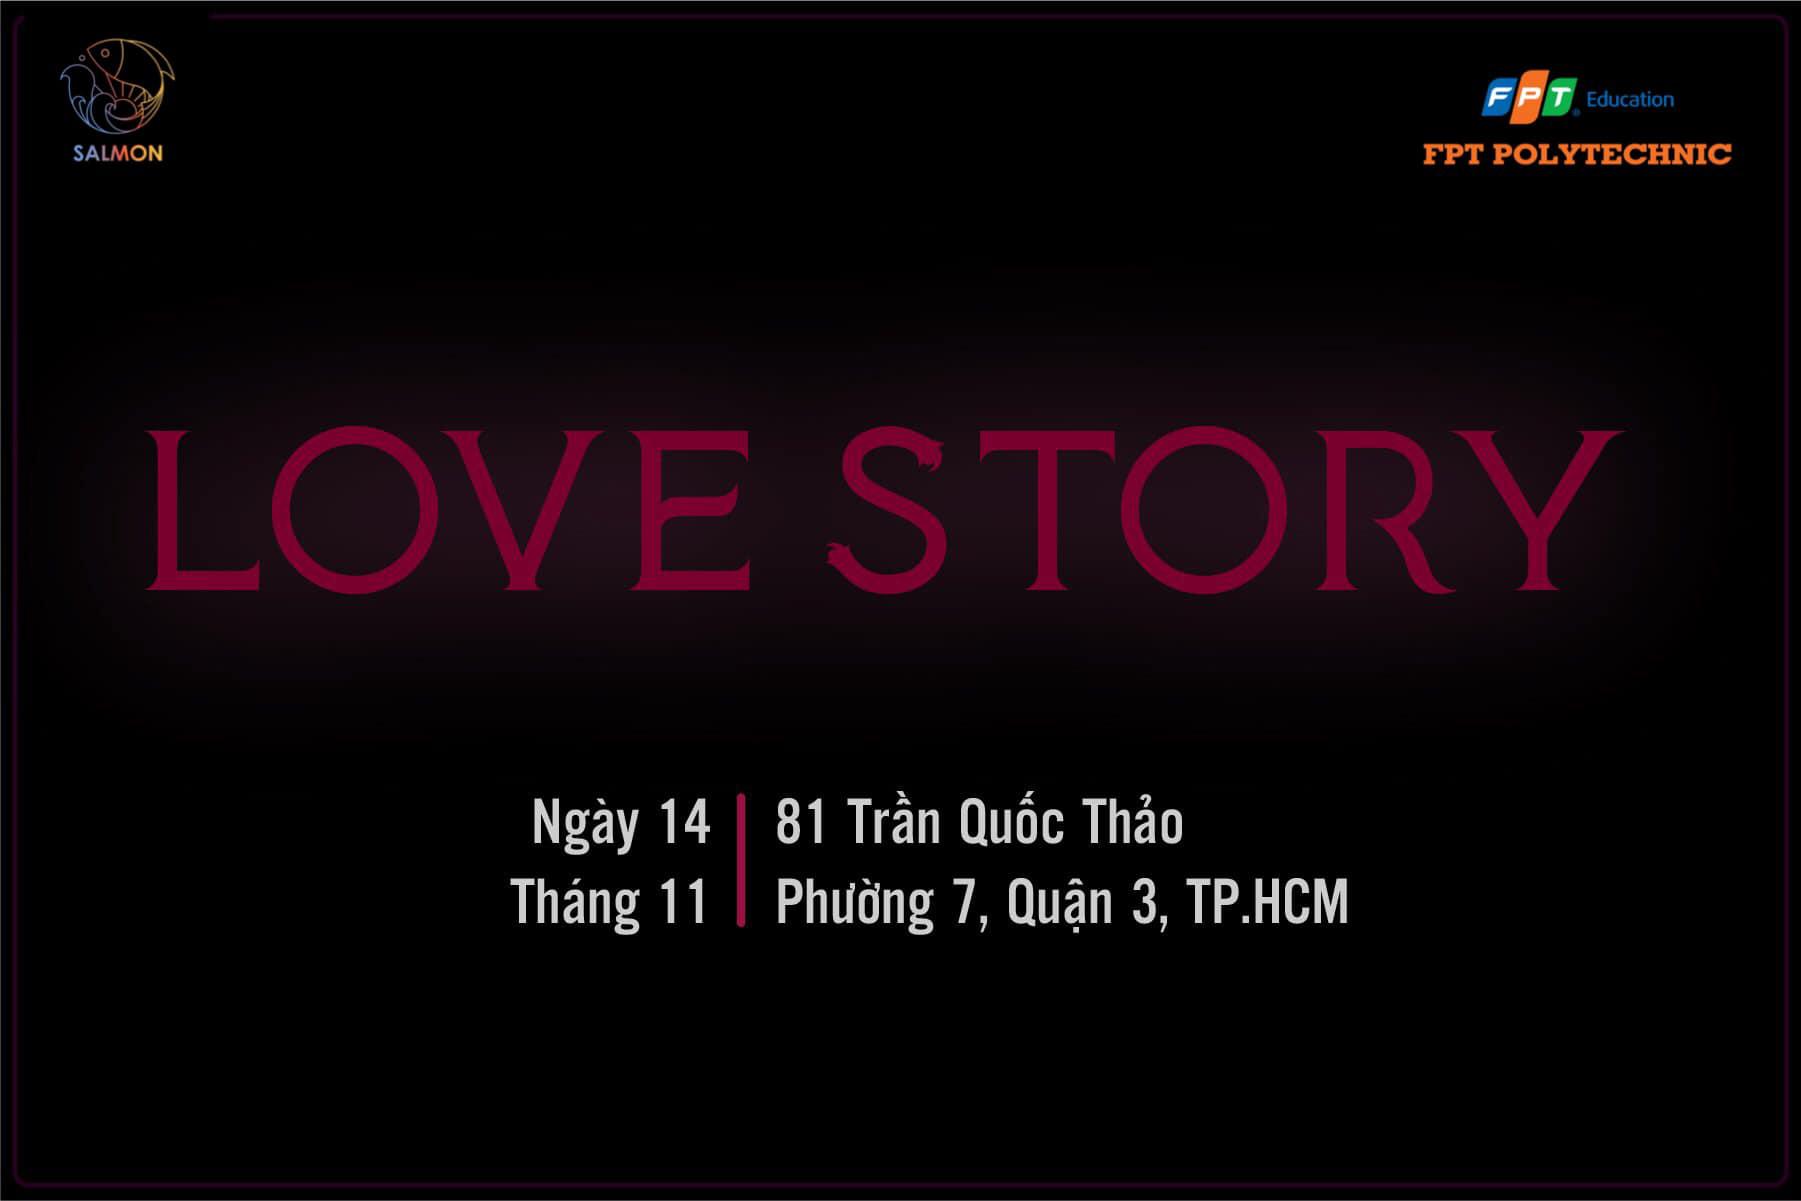 Love Story - Câu chuyện tình yêu viết bằng chính bạn - Ảnh 1.